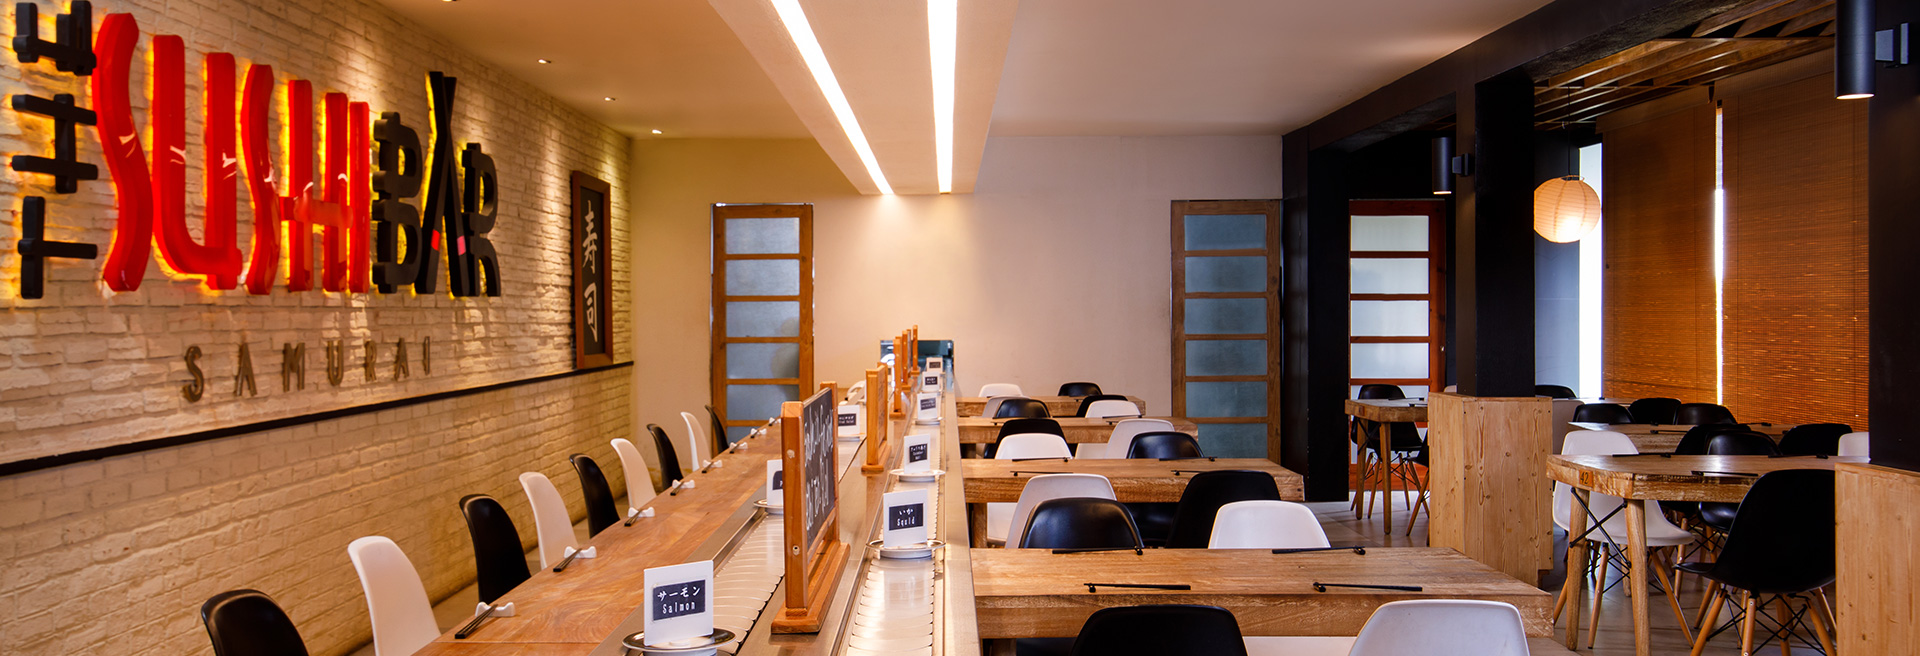 Inside Sushi Bar